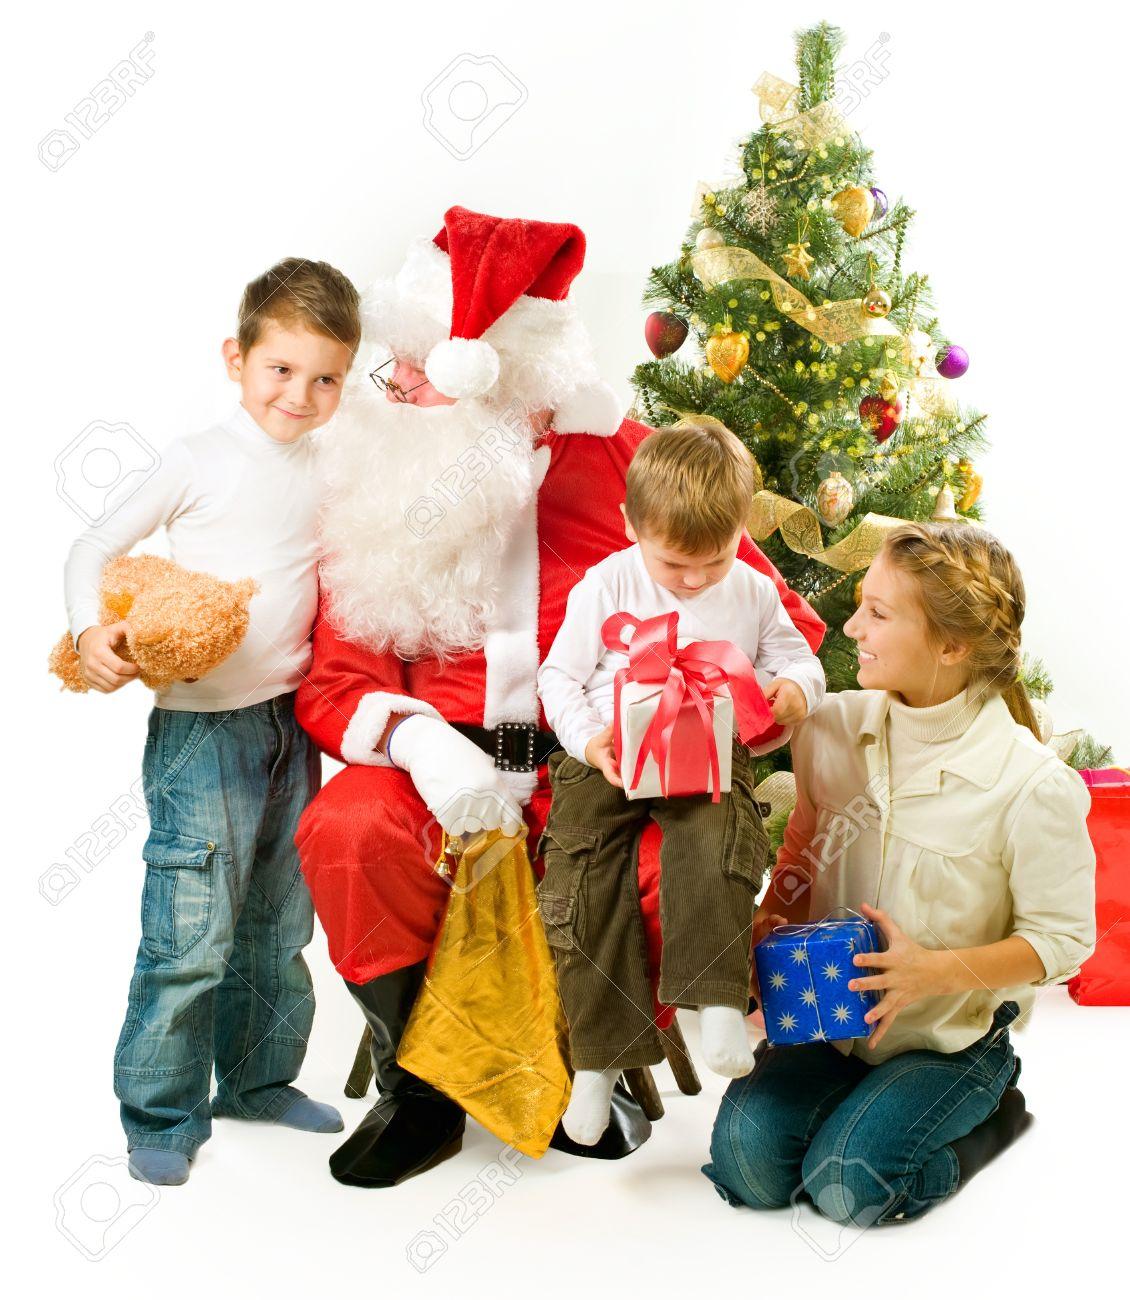 Santa Claus Gibt Weihnachtsgeschenke Für Kinder Lizenzfreie Fotos ...